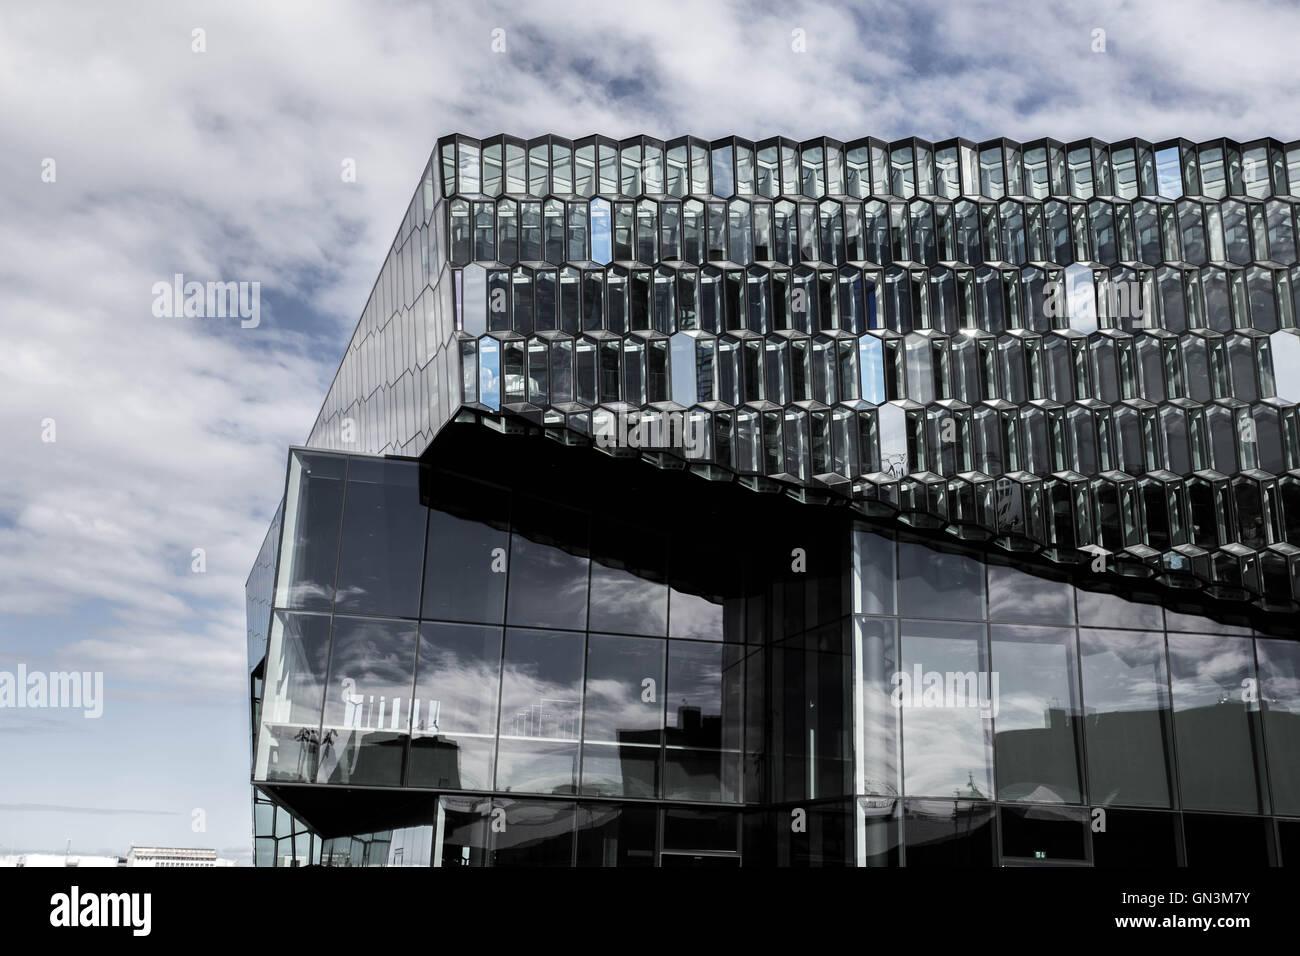 Harpa Concert Hall, Reykjavik, Iceland - Stock Image